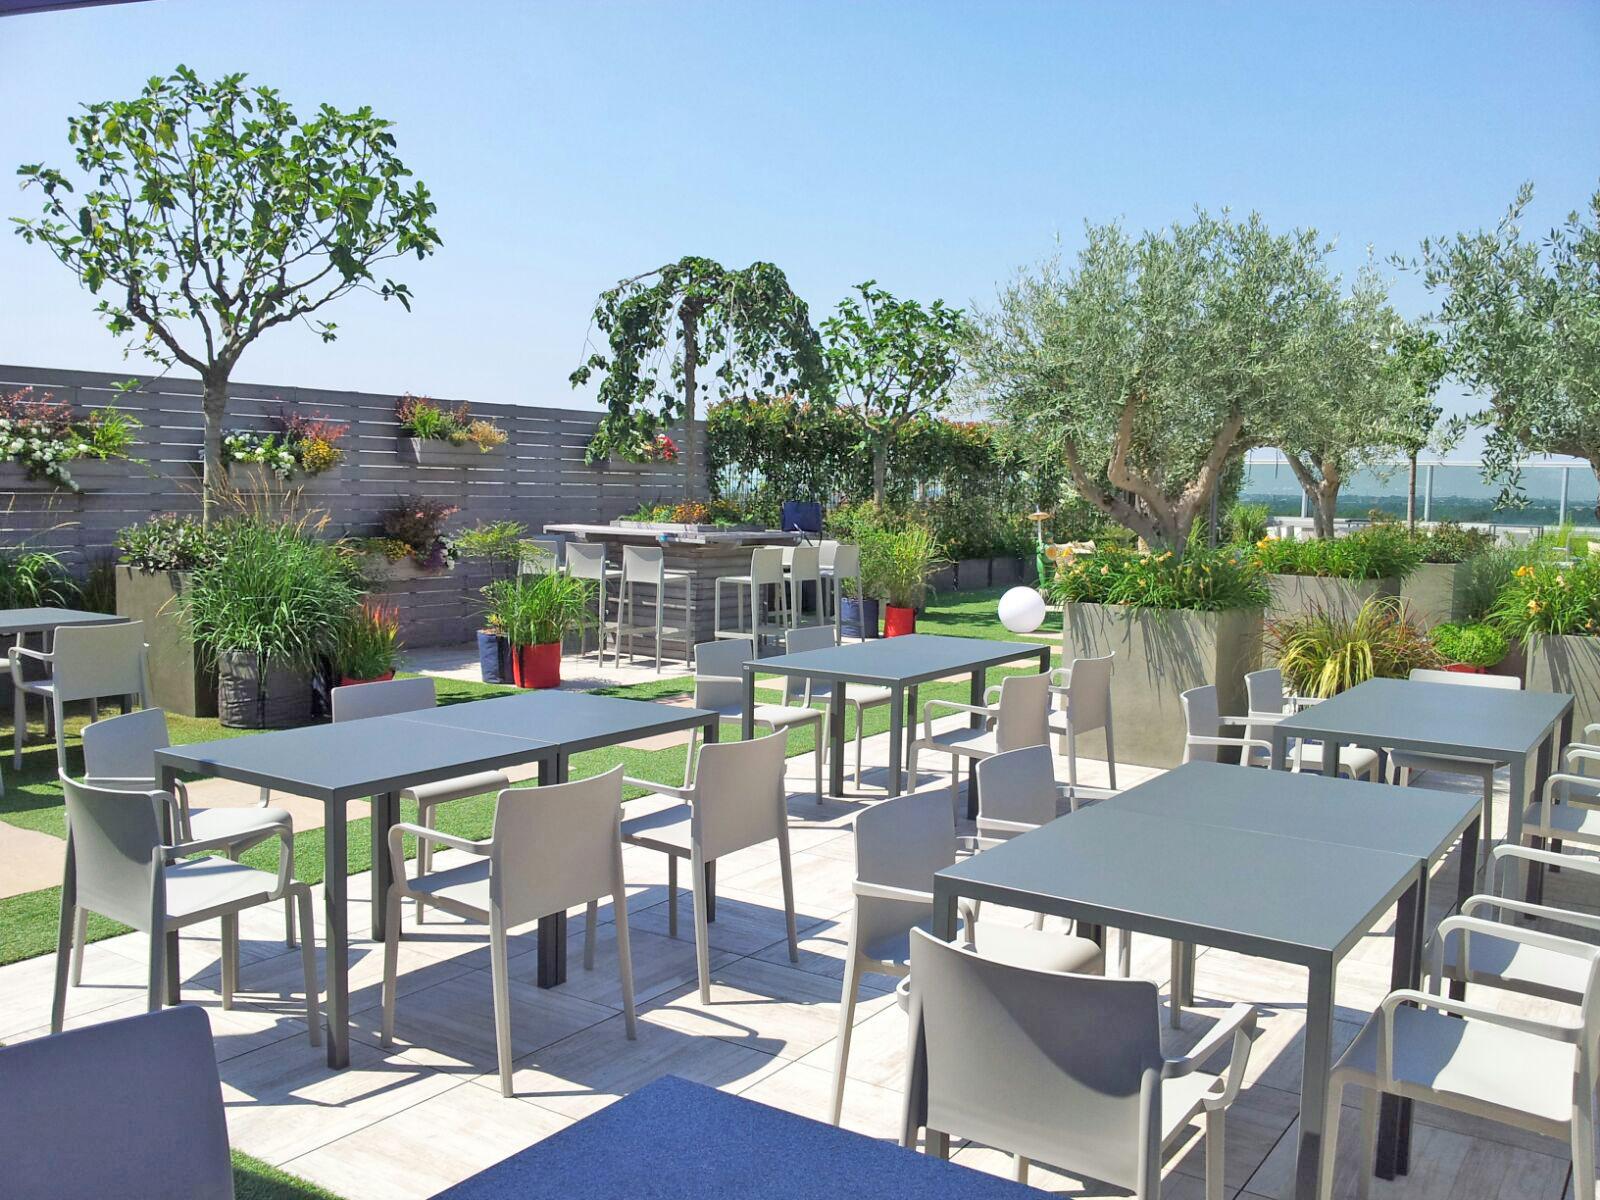 Cool with progetto giardino - Progetto per giardino ...